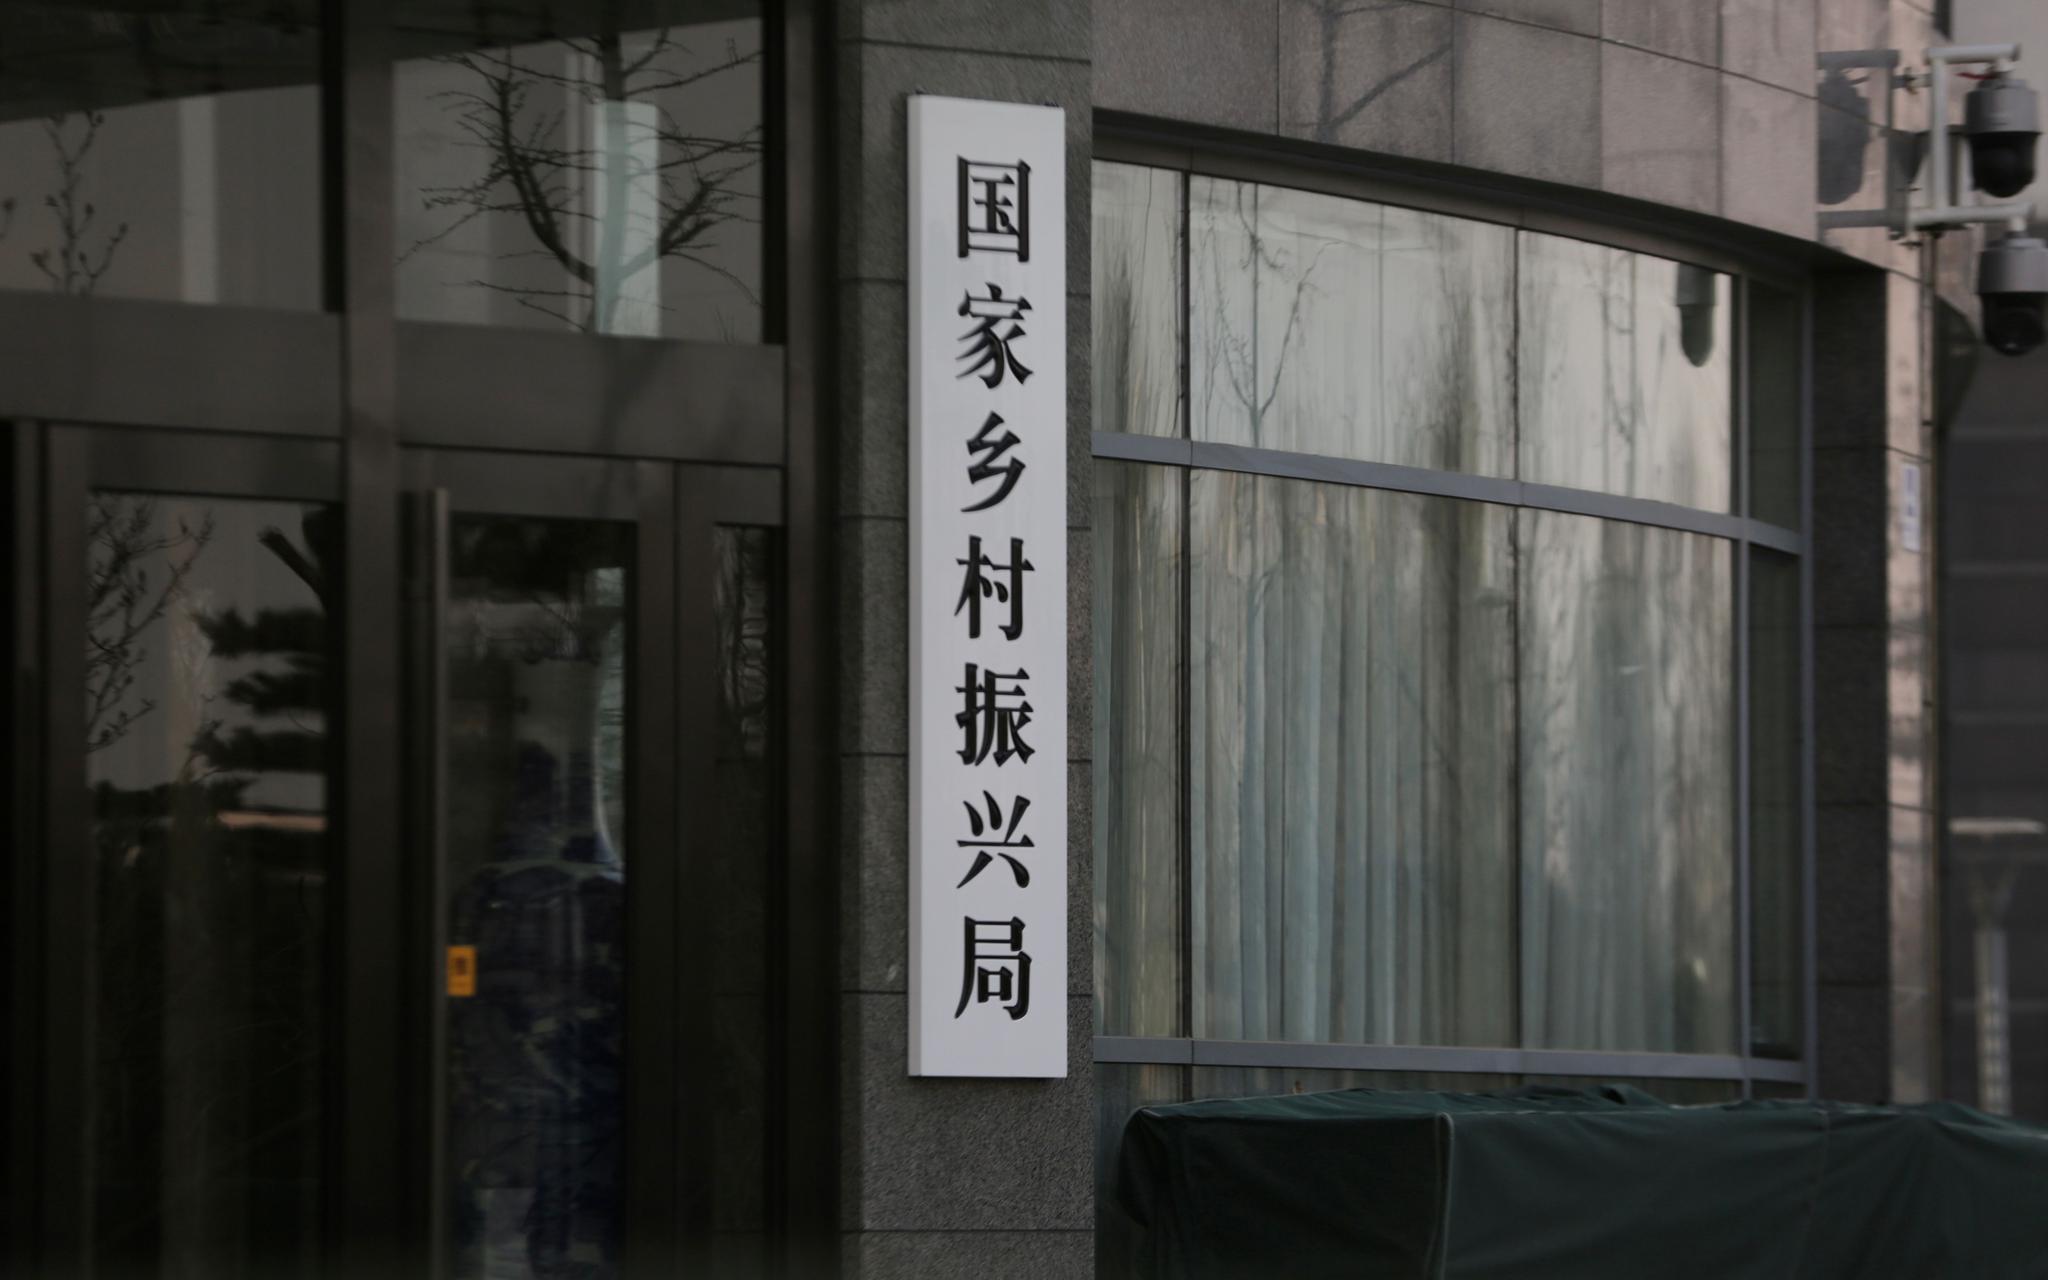 国家乡村振兴局今日正式挂牌,八问详解新机构图片